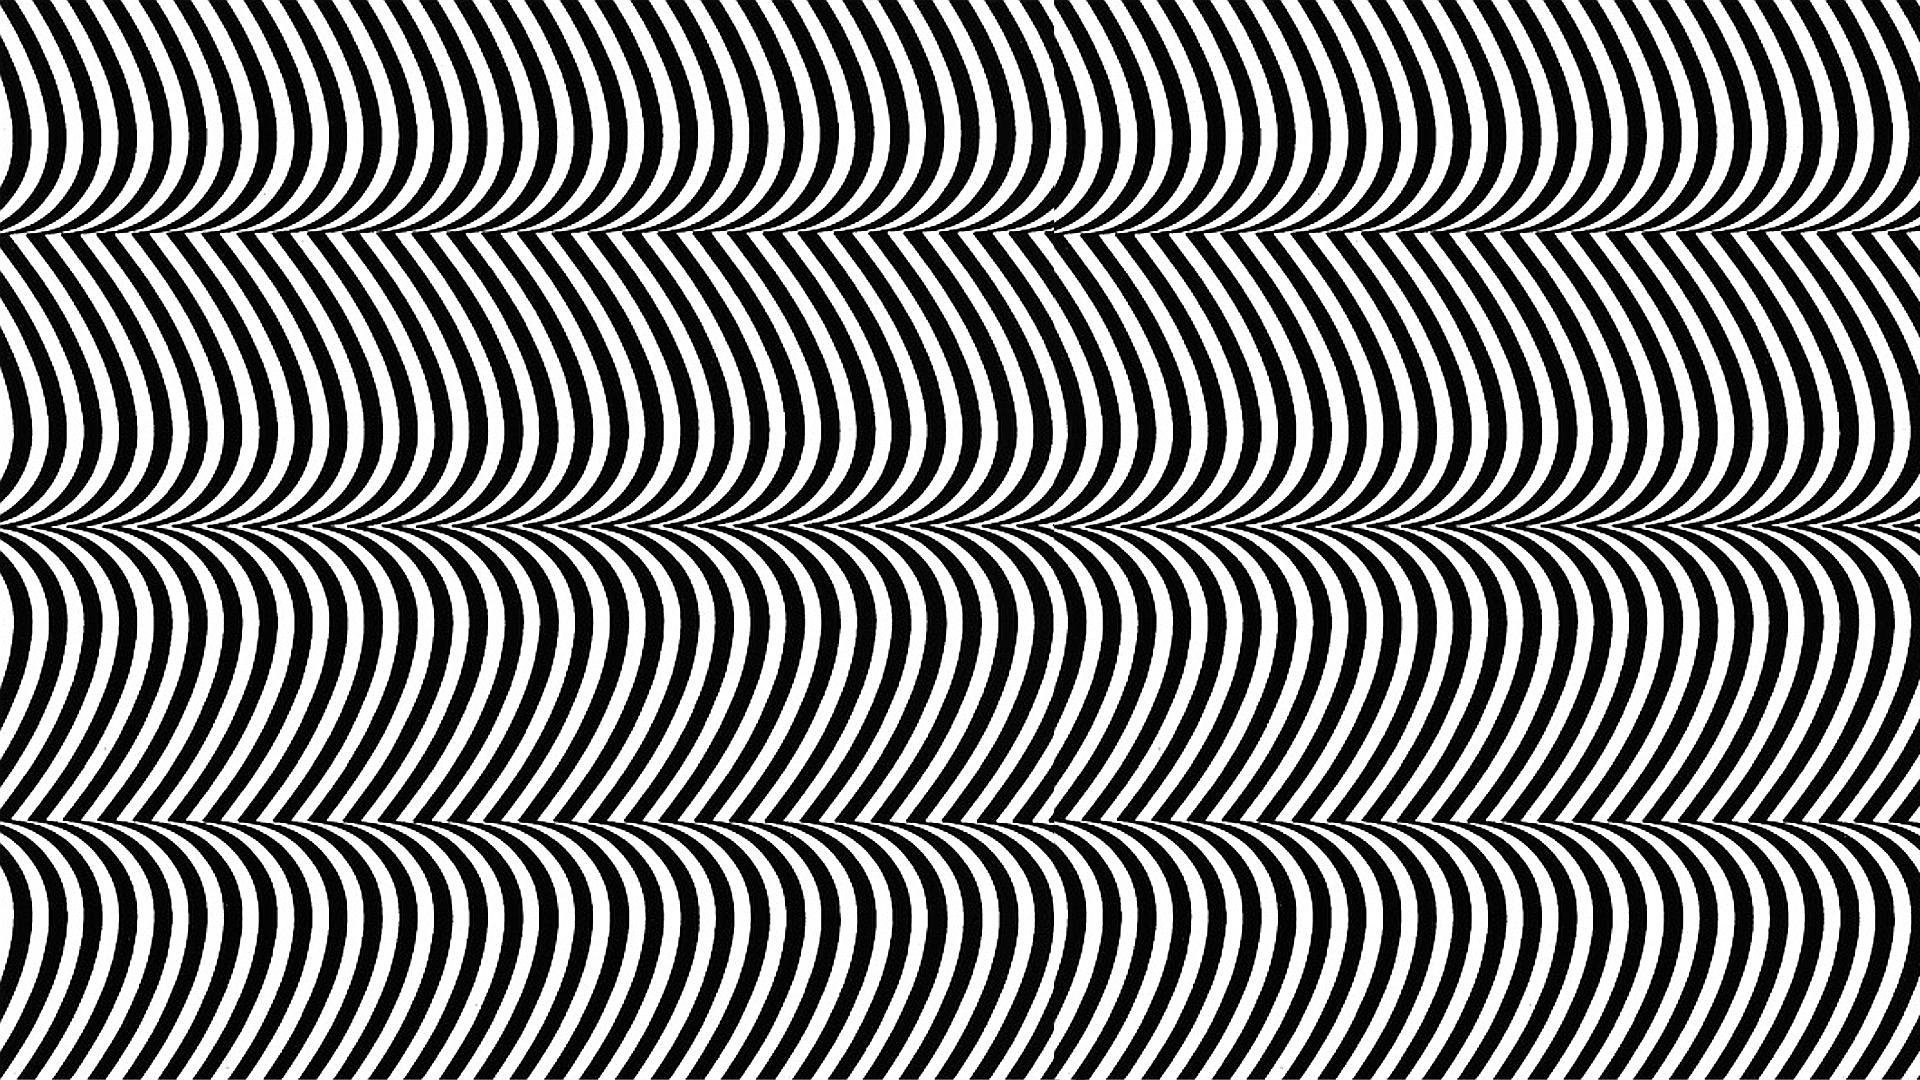 Noise 4chanmusic Wiki Fandom Powered By Wikia